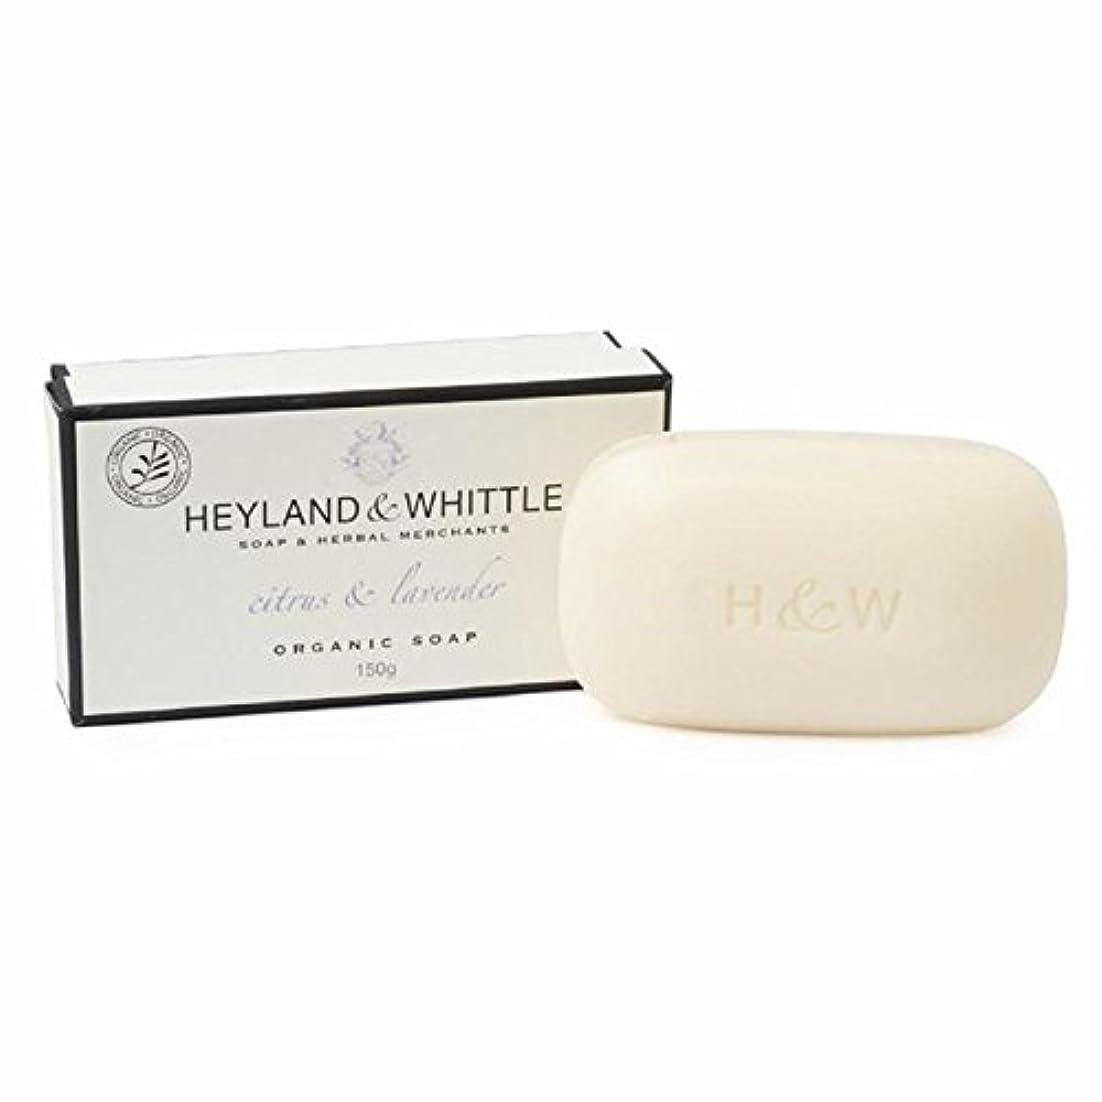 年金受給者階下蒸発Heyland & Whittle Citrus & Lavender Boxed Organic Soap 150g (Pack of 6) - &削るシトラス&ラベンダーは、有機石鹸150グラム箱入り x6 [並行輸入品]